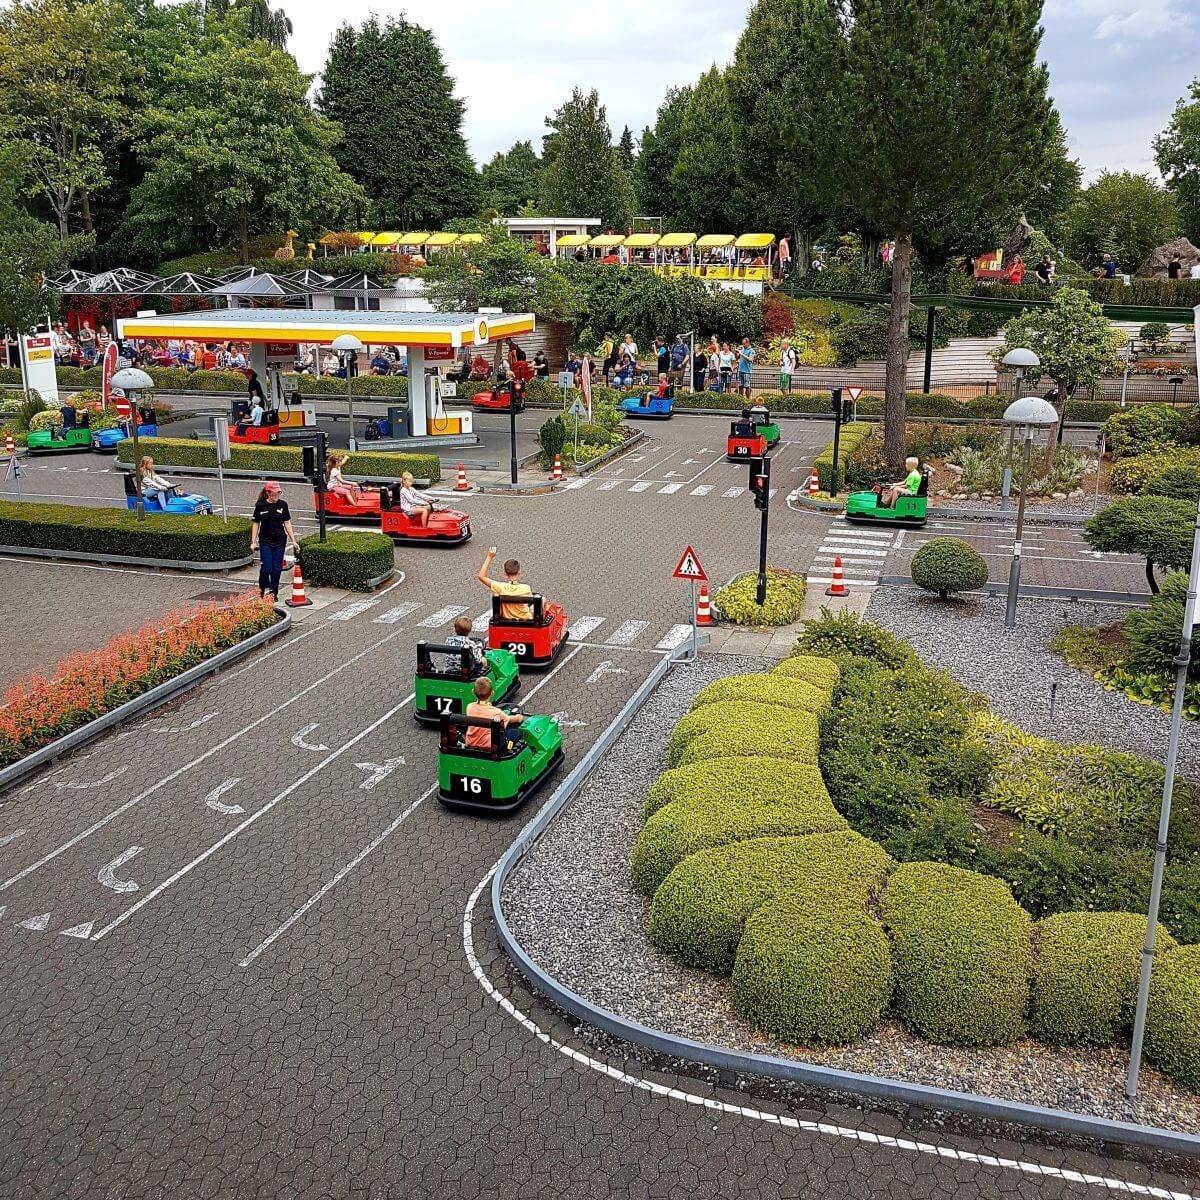 Legoland met kinderen: alles wat je wil weten, Miniland SEAT Traffic School #leukmetkids #legoland #Denemarken #kinderen